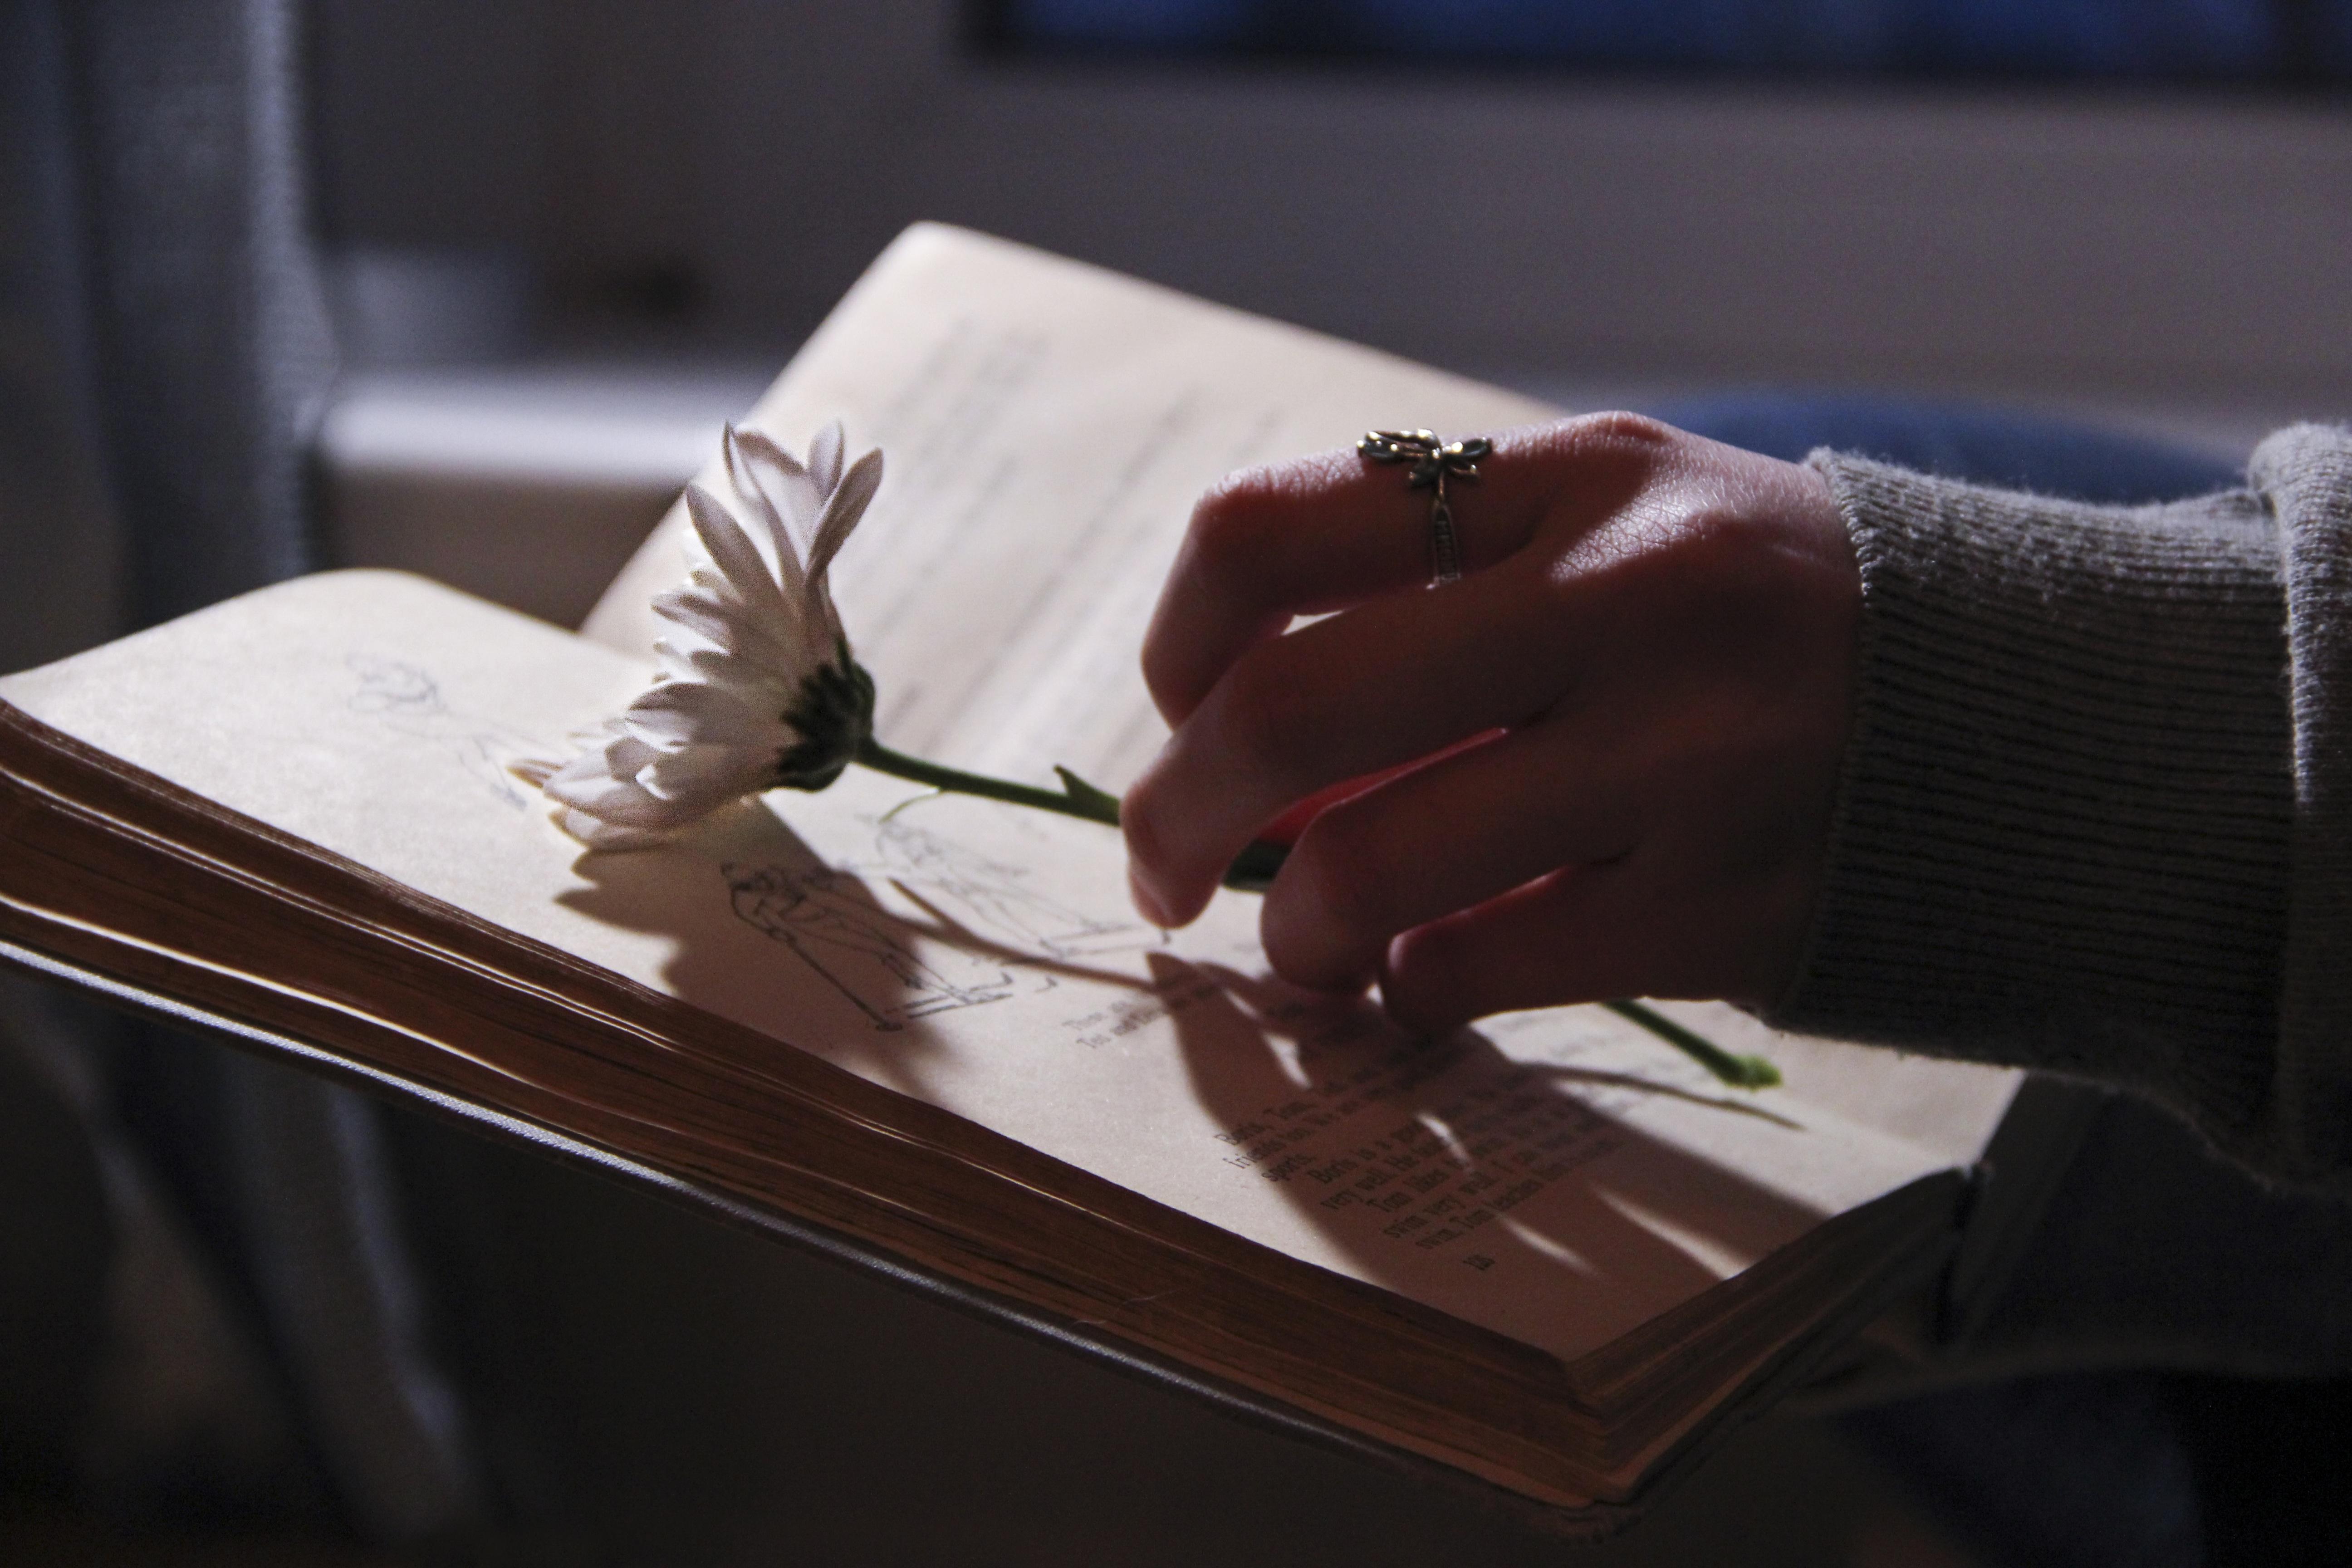 письмо в руках картинки этом видео